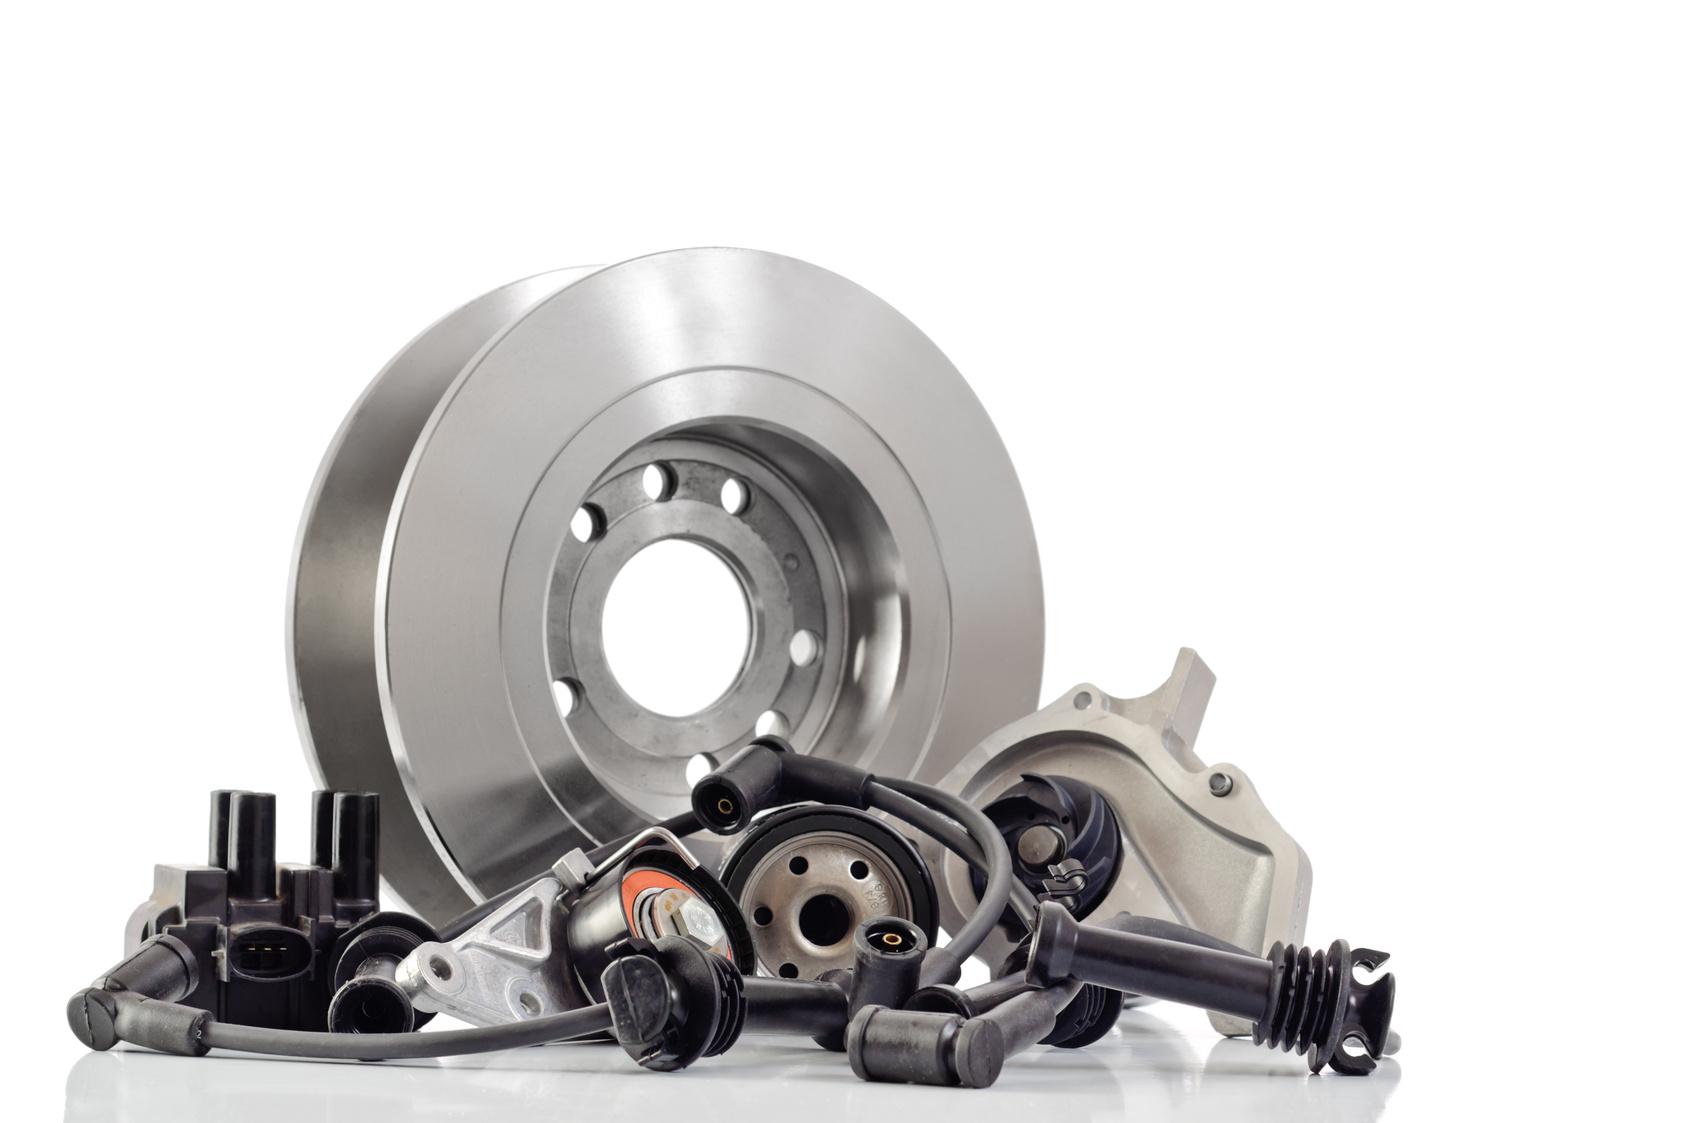 Autoteile, Ersatzteile, Autoersatzteile, Autozubehör, Kfz teile, kfz ...